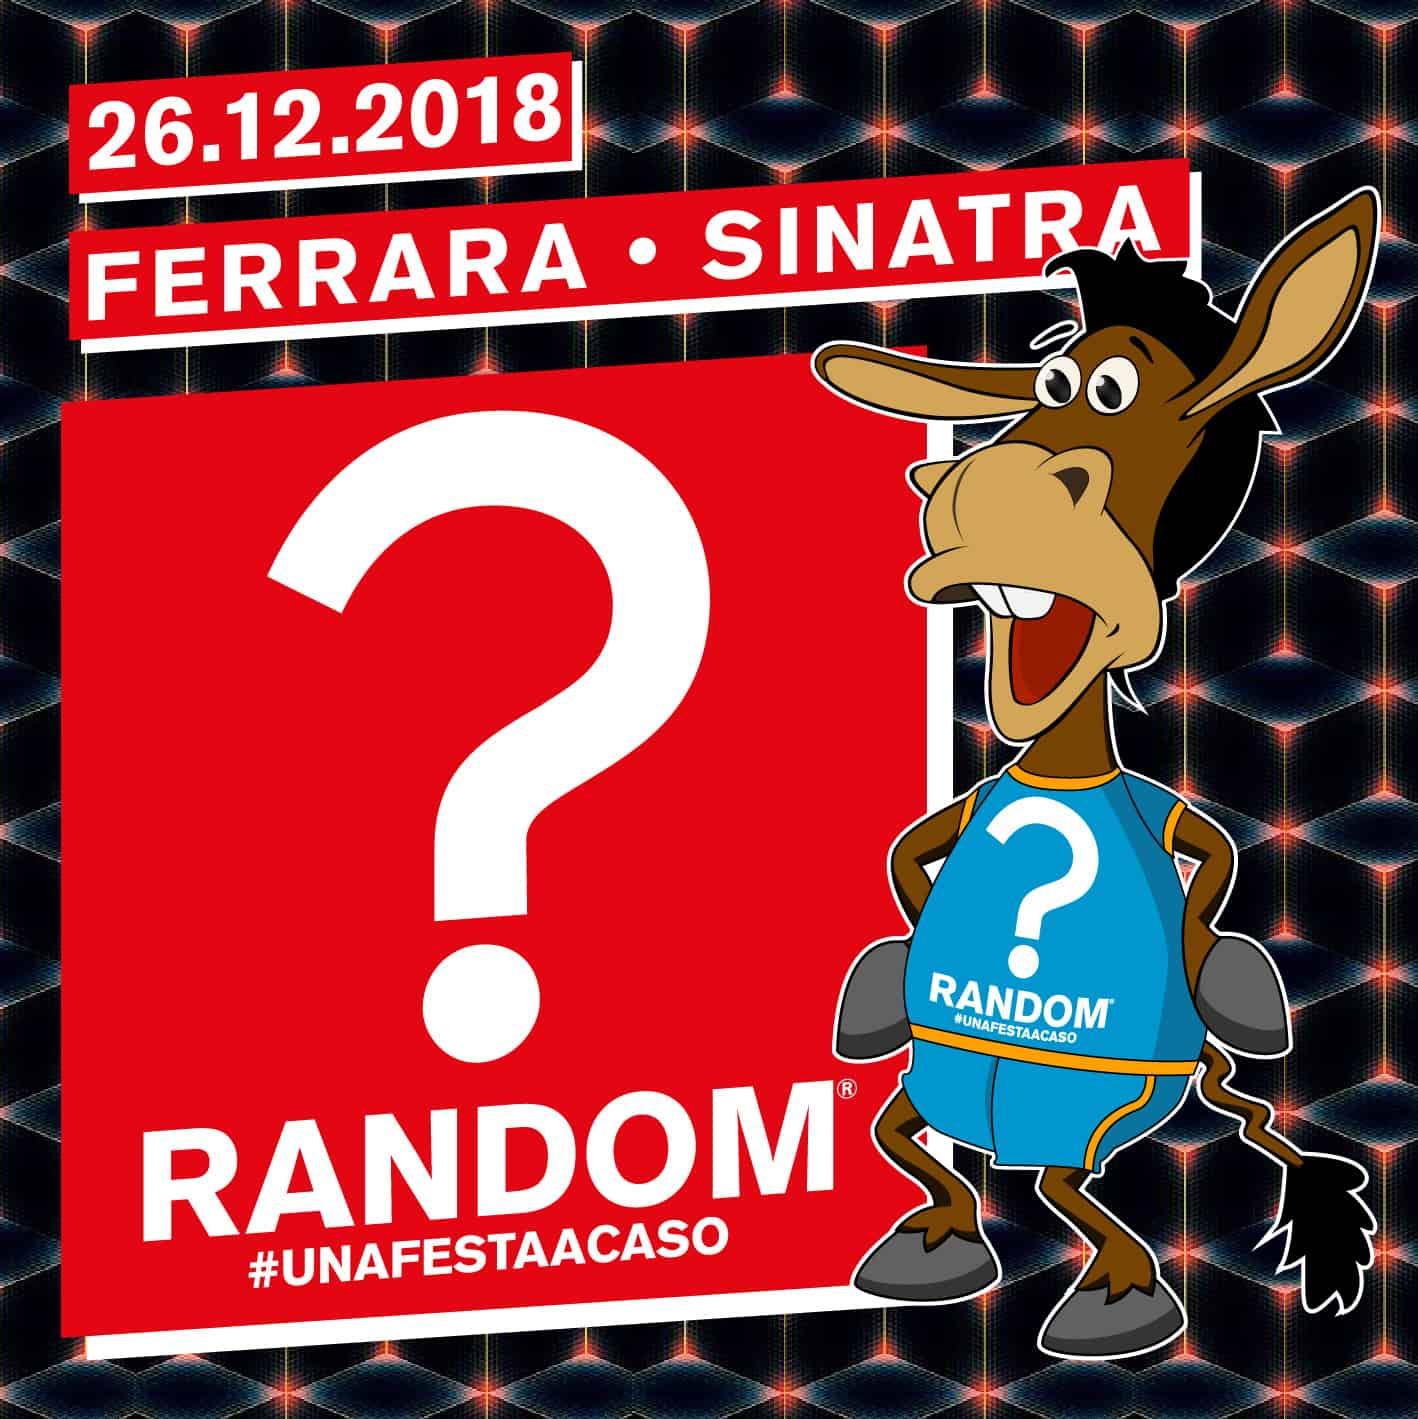 Random party Sinatra club Ferrara